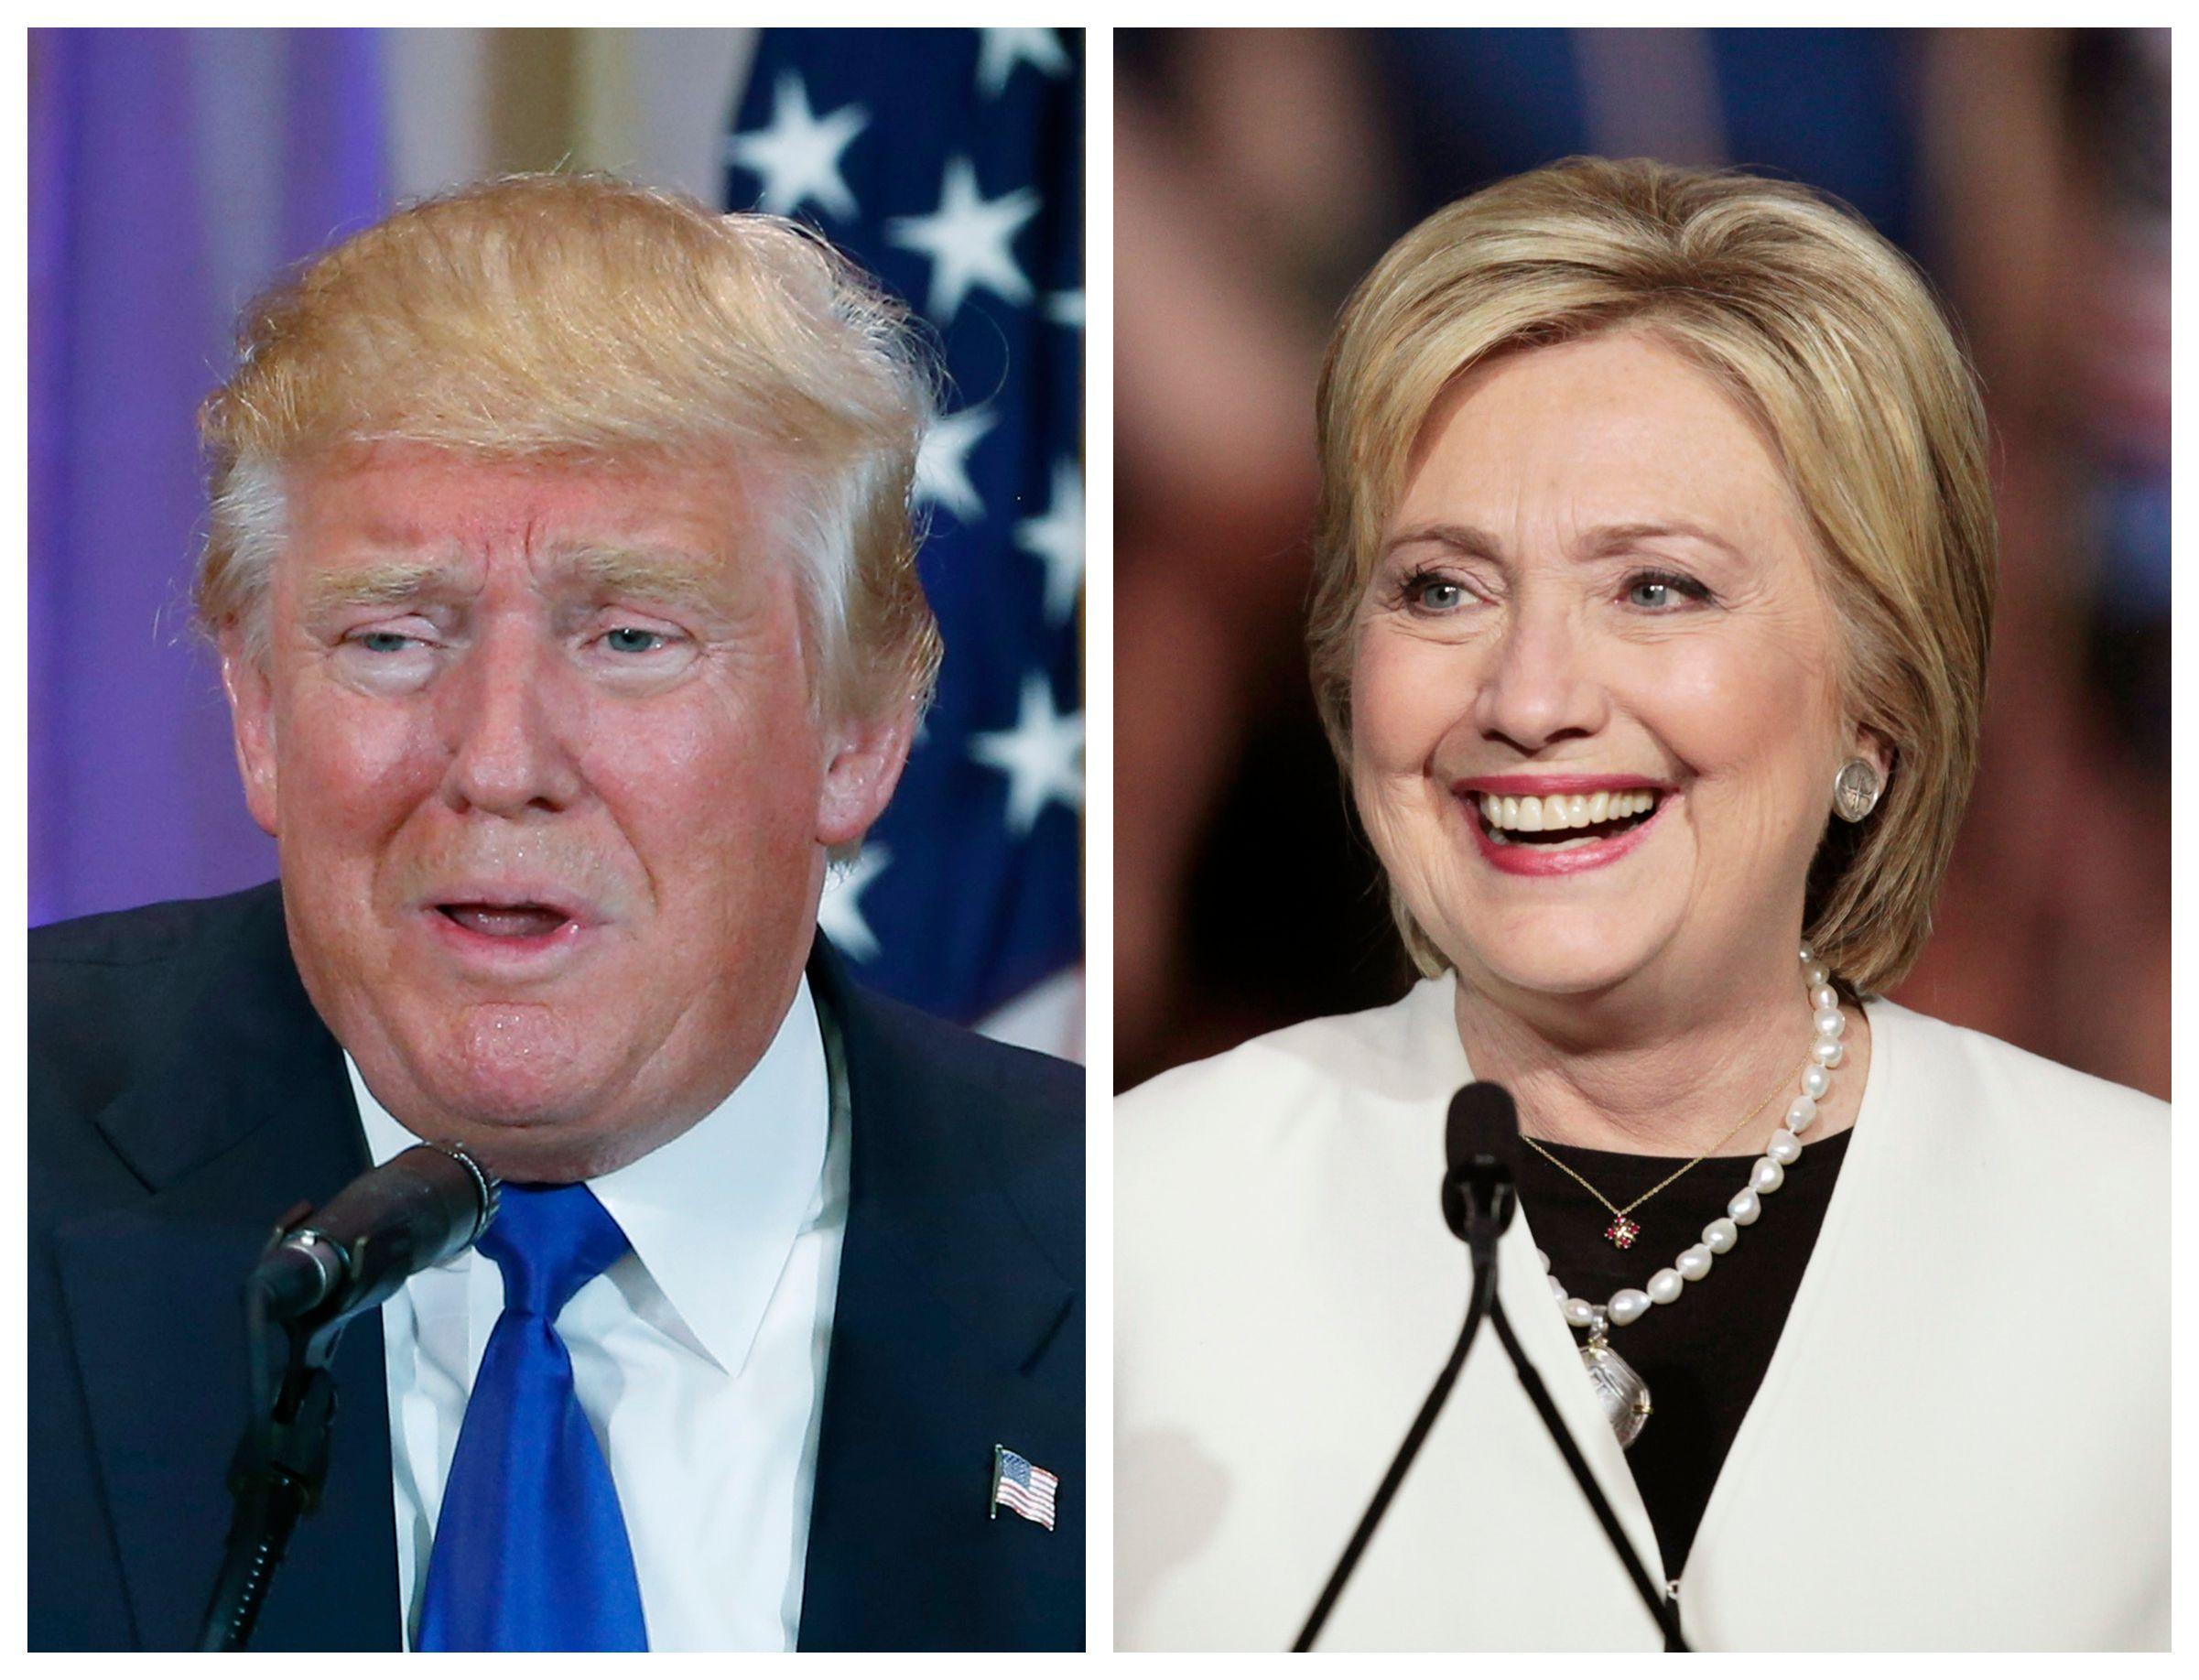 Débat Trump-Clinton : une deuxième manche acharnée et indécise